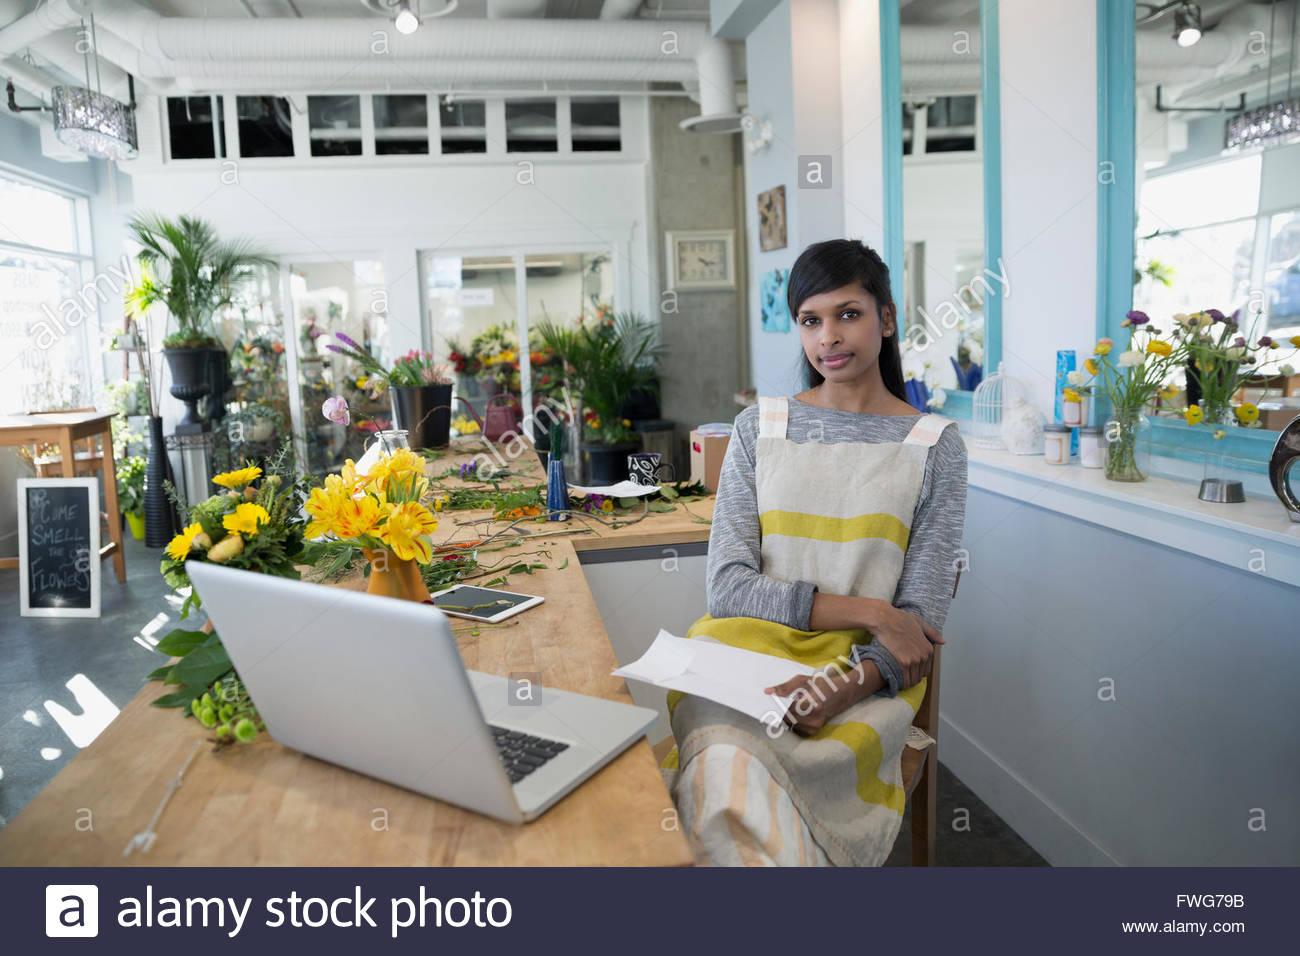 Portrait confident florist at laptop in flower shop - Stock Image